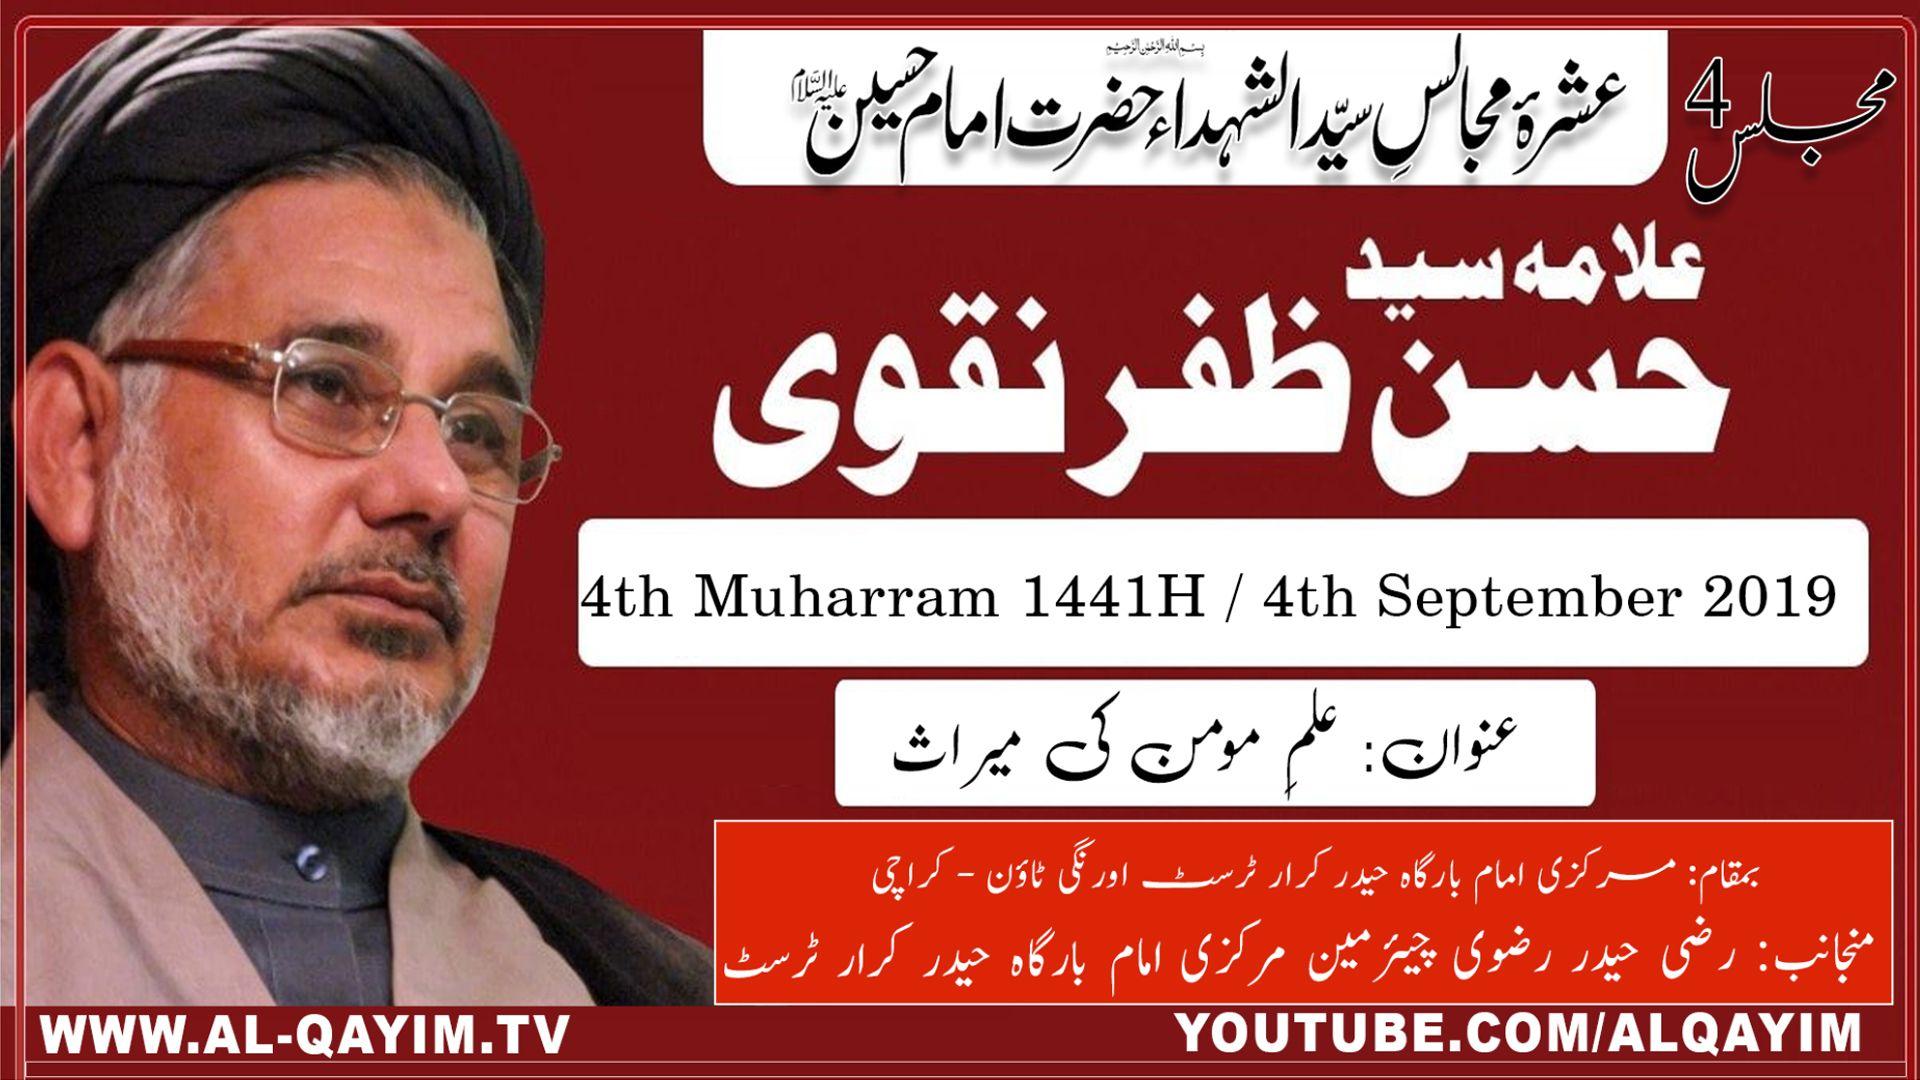 4th Muharram Majlis - 2019 - Moulana Hasan Zafar Naqvi - Imam Bargah Haider-e-Karar Orangi Town